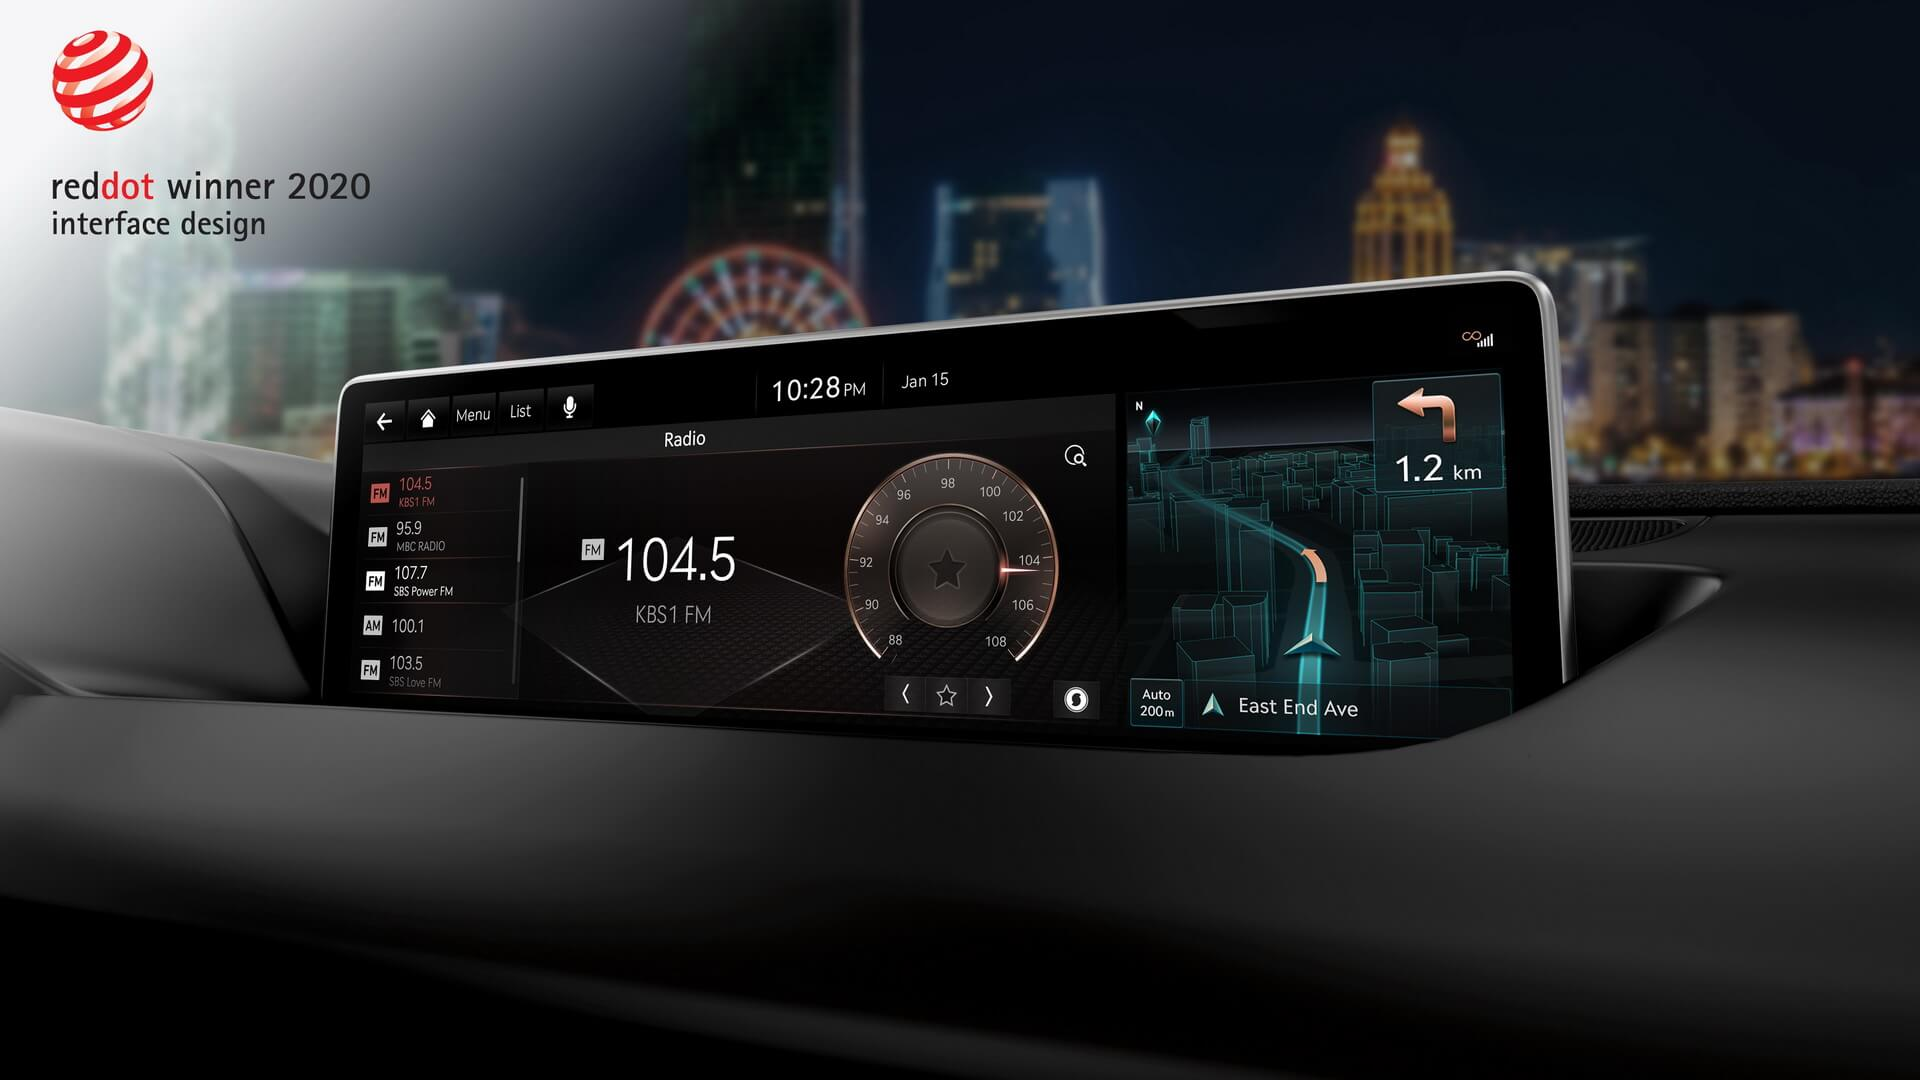 Genesis победил в номинации «Интерфейс и дизайн» за встроенную информационно-развлекательную систему автомобилей